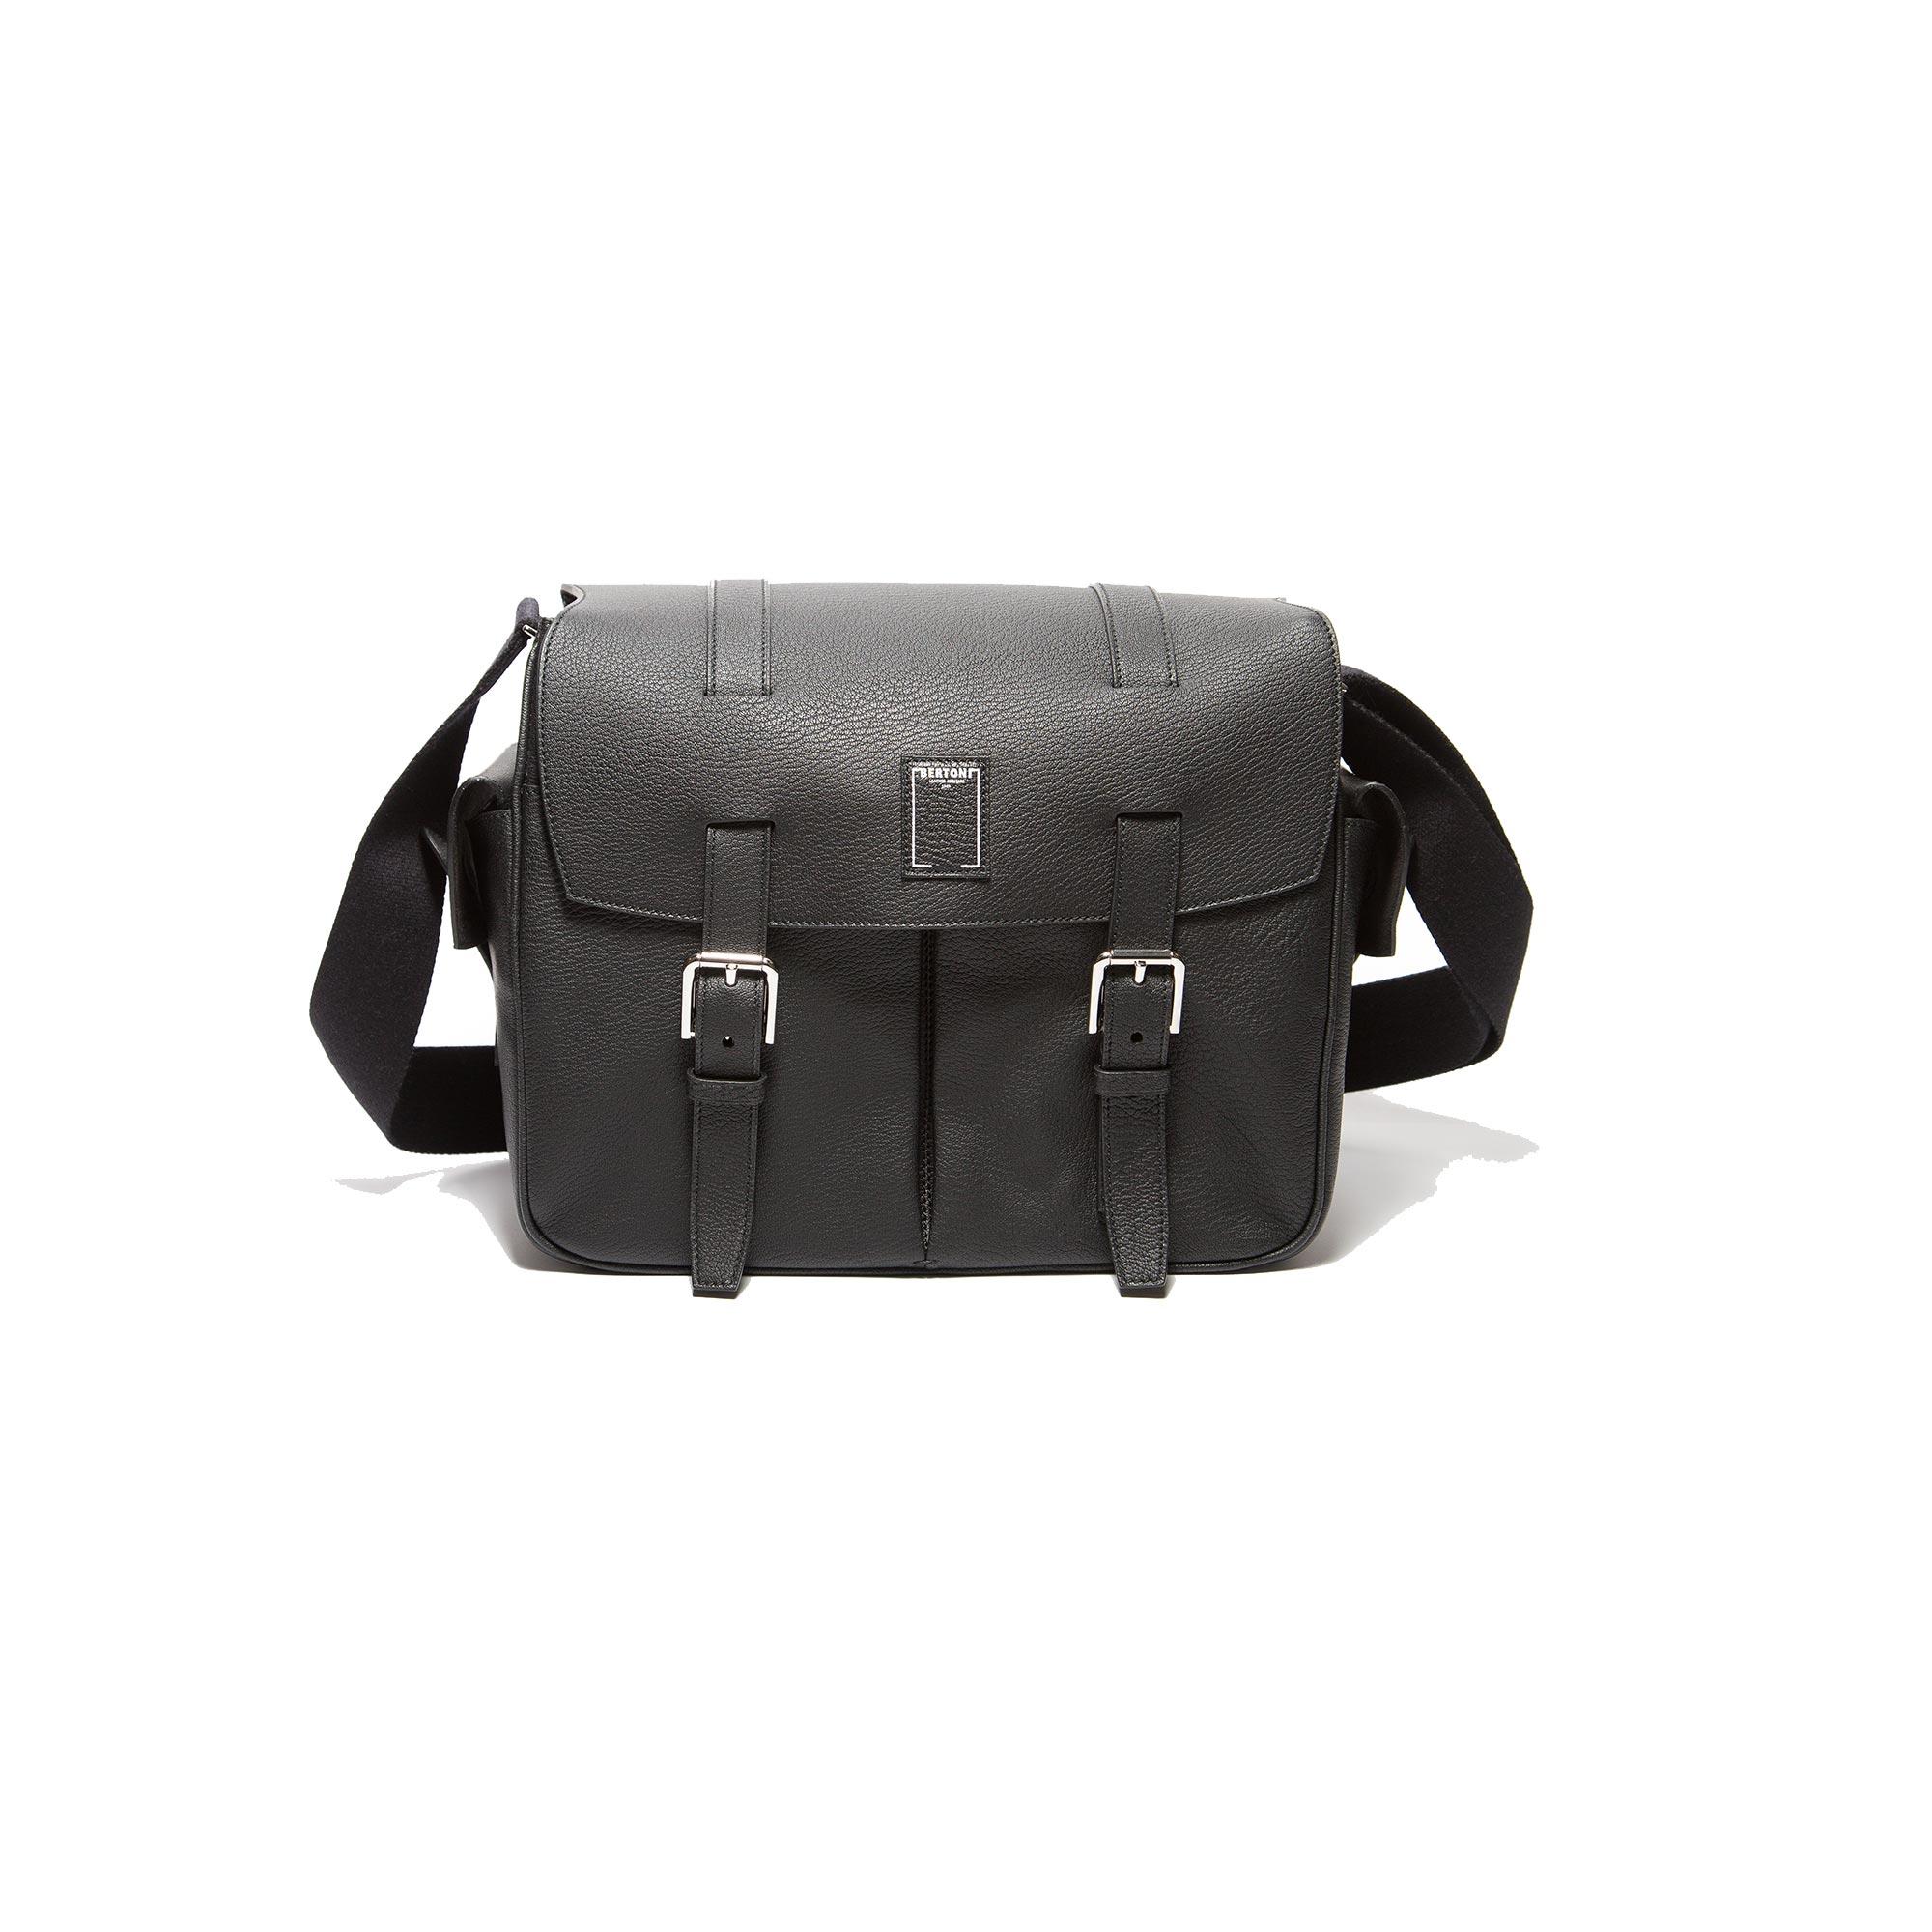 Traveller-Messenger-black-rock-calf-bag-Bertoni-1949